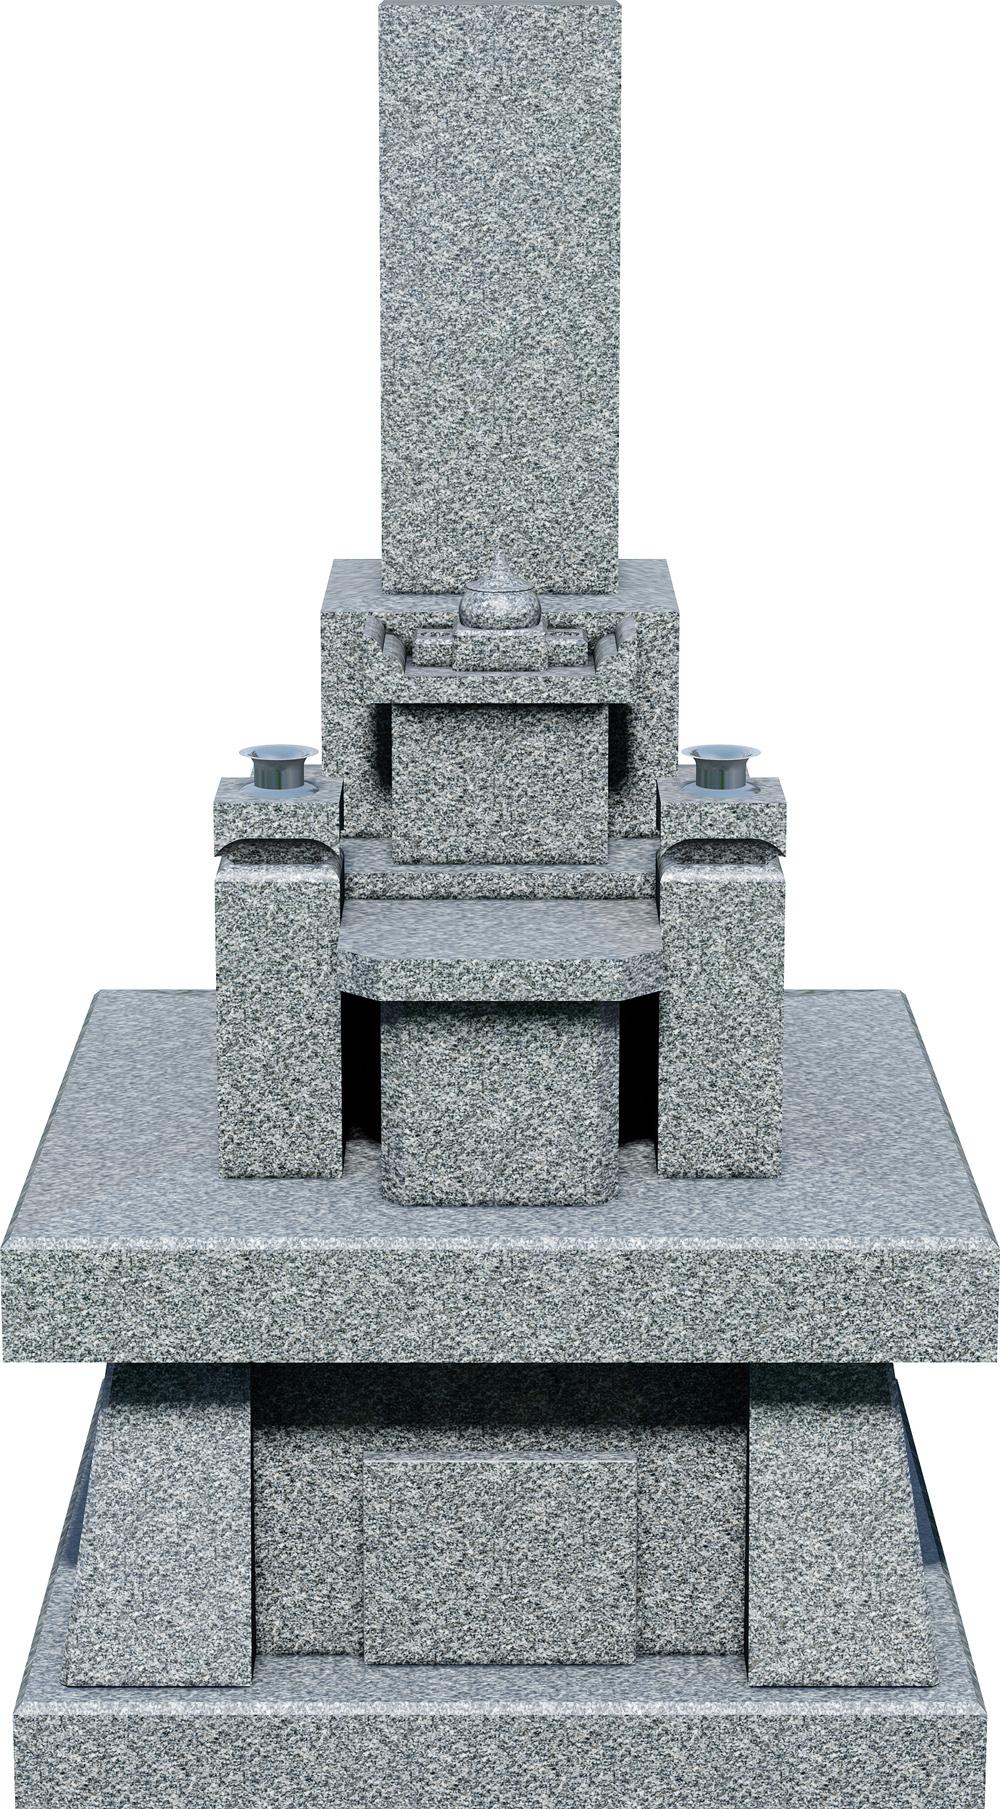 神道墓 三宝台 閃緑石